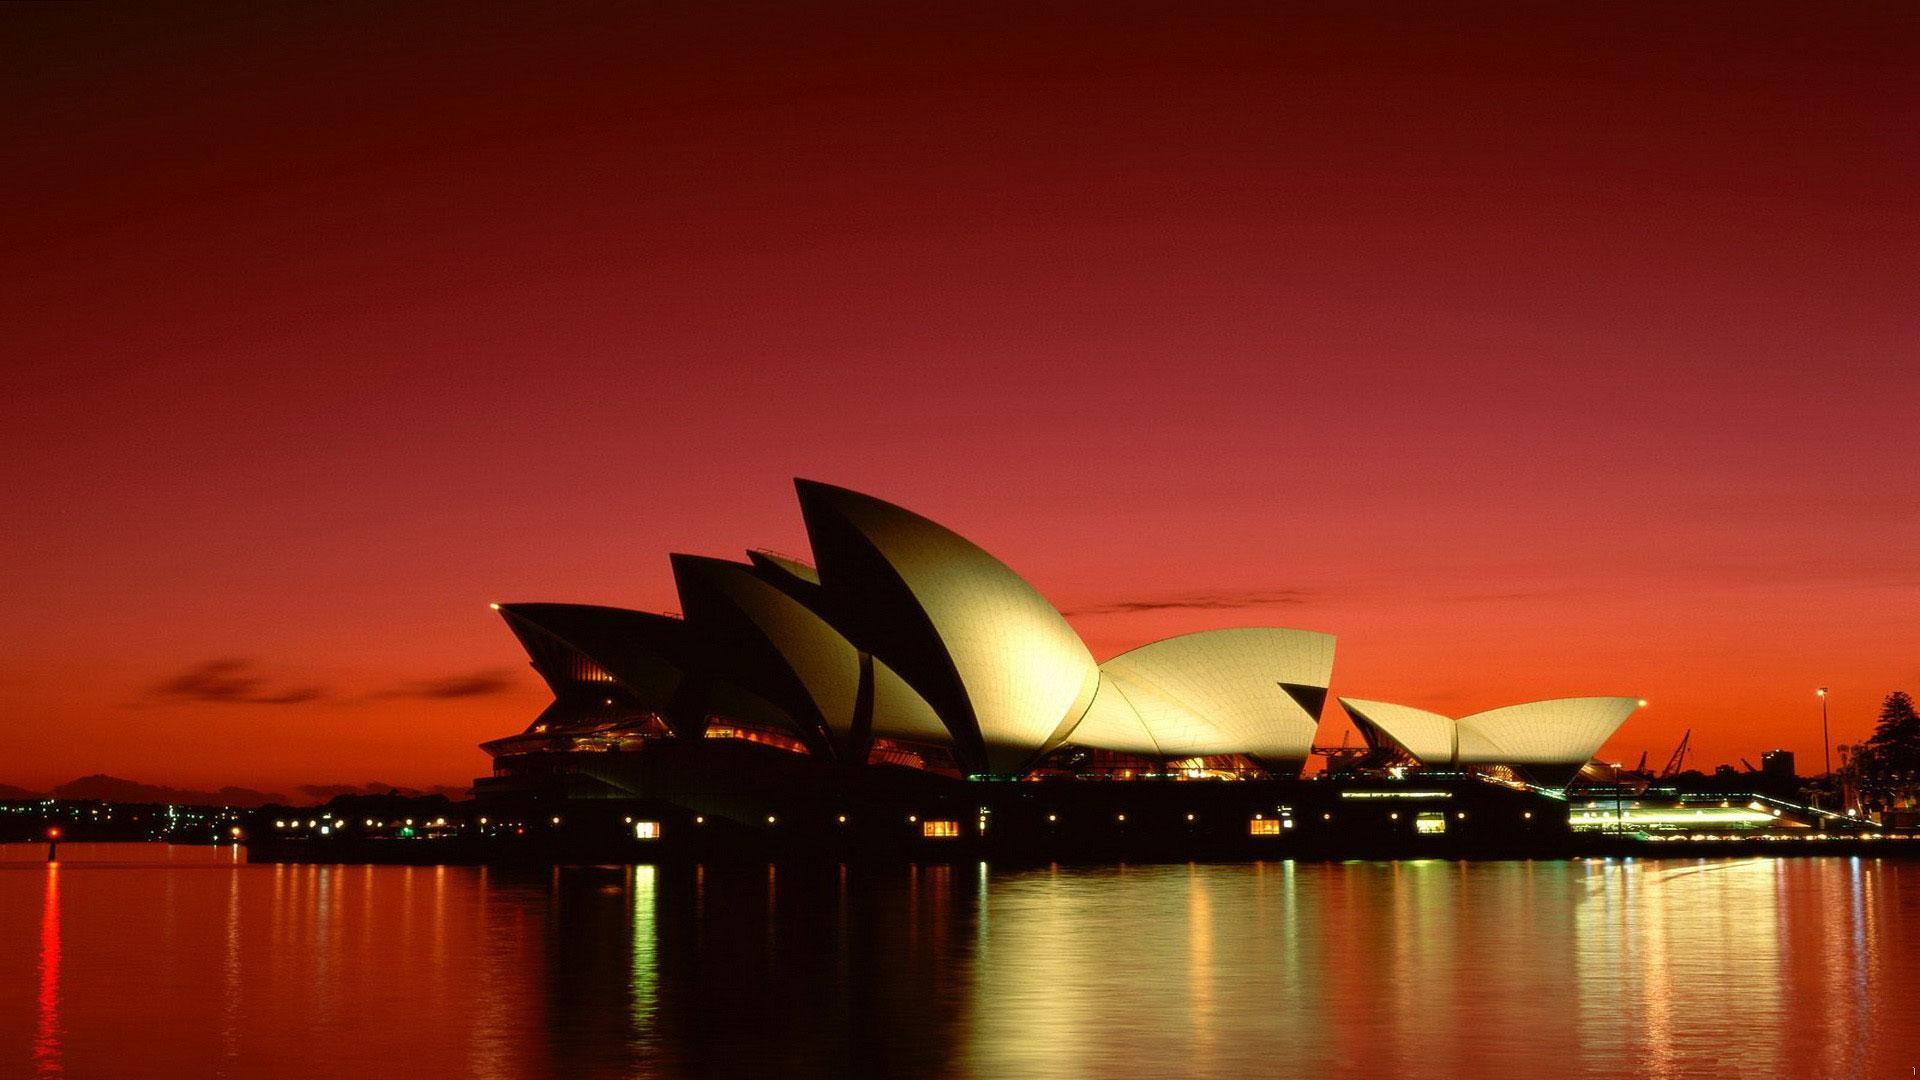 hd-pics-photos-travel-urban-cities-best-world-tour-desktop-background-wallpaper-wp3406713